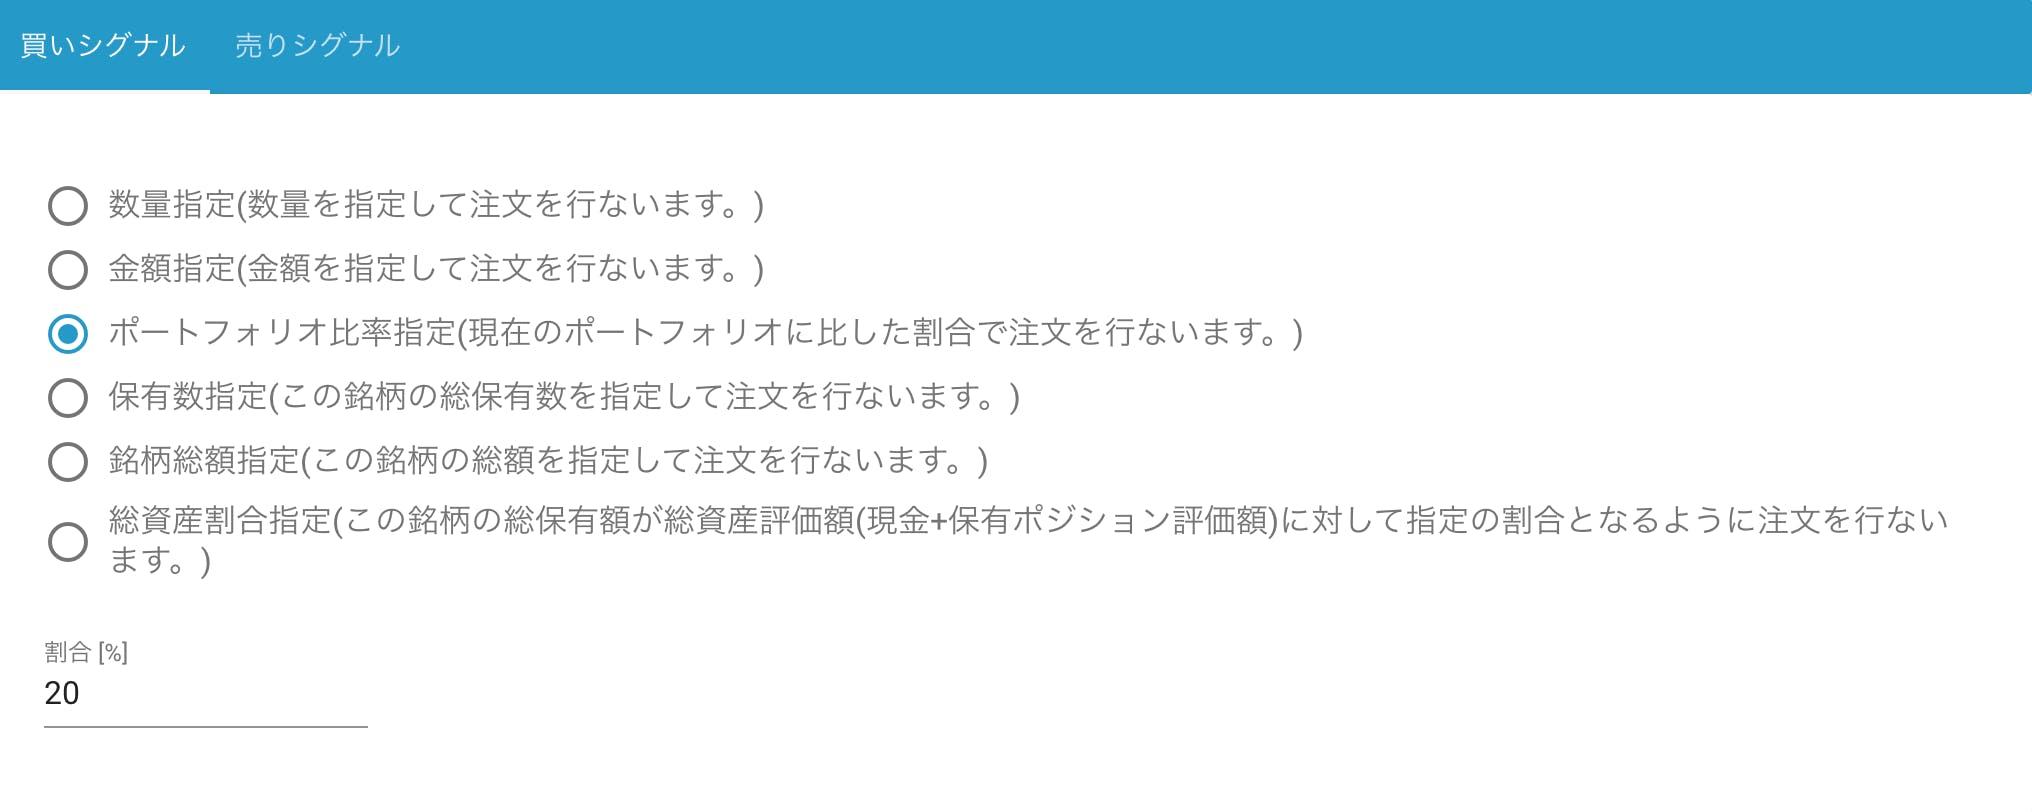 スクリーンショット 2019-09-18 21.14.37.png